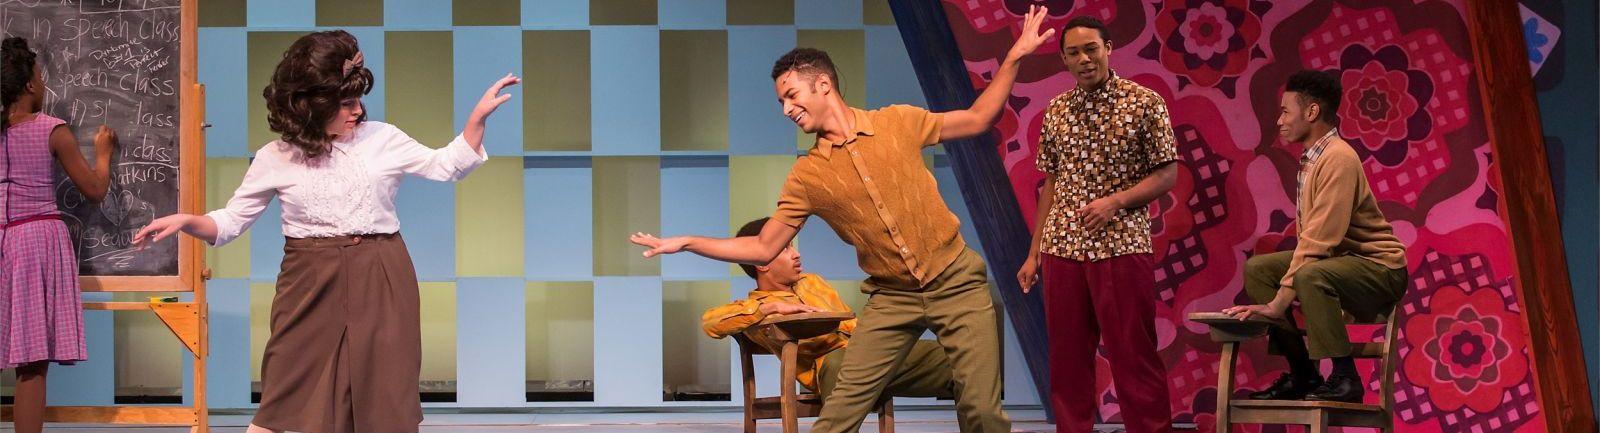 Actors dancing in Hairspray, the musical.